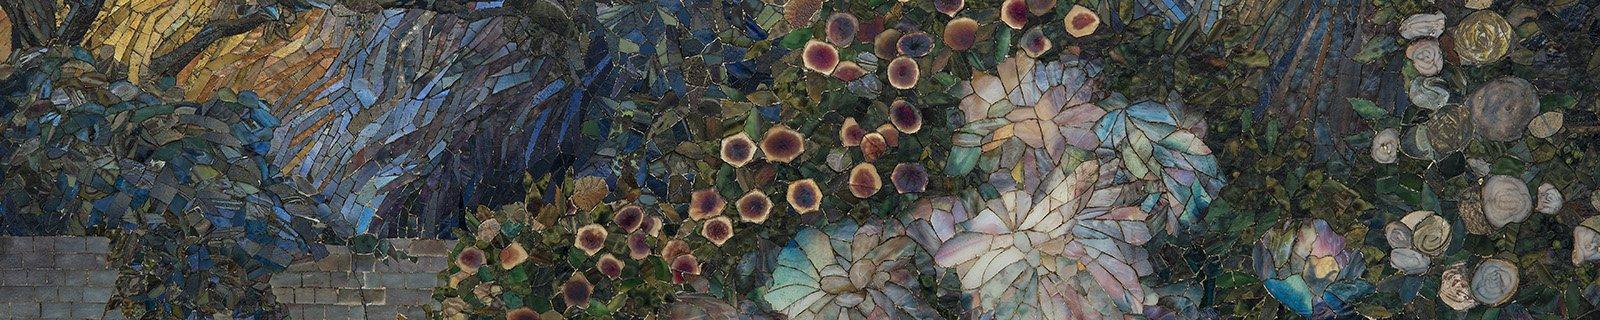 The Dream Garden (detail)